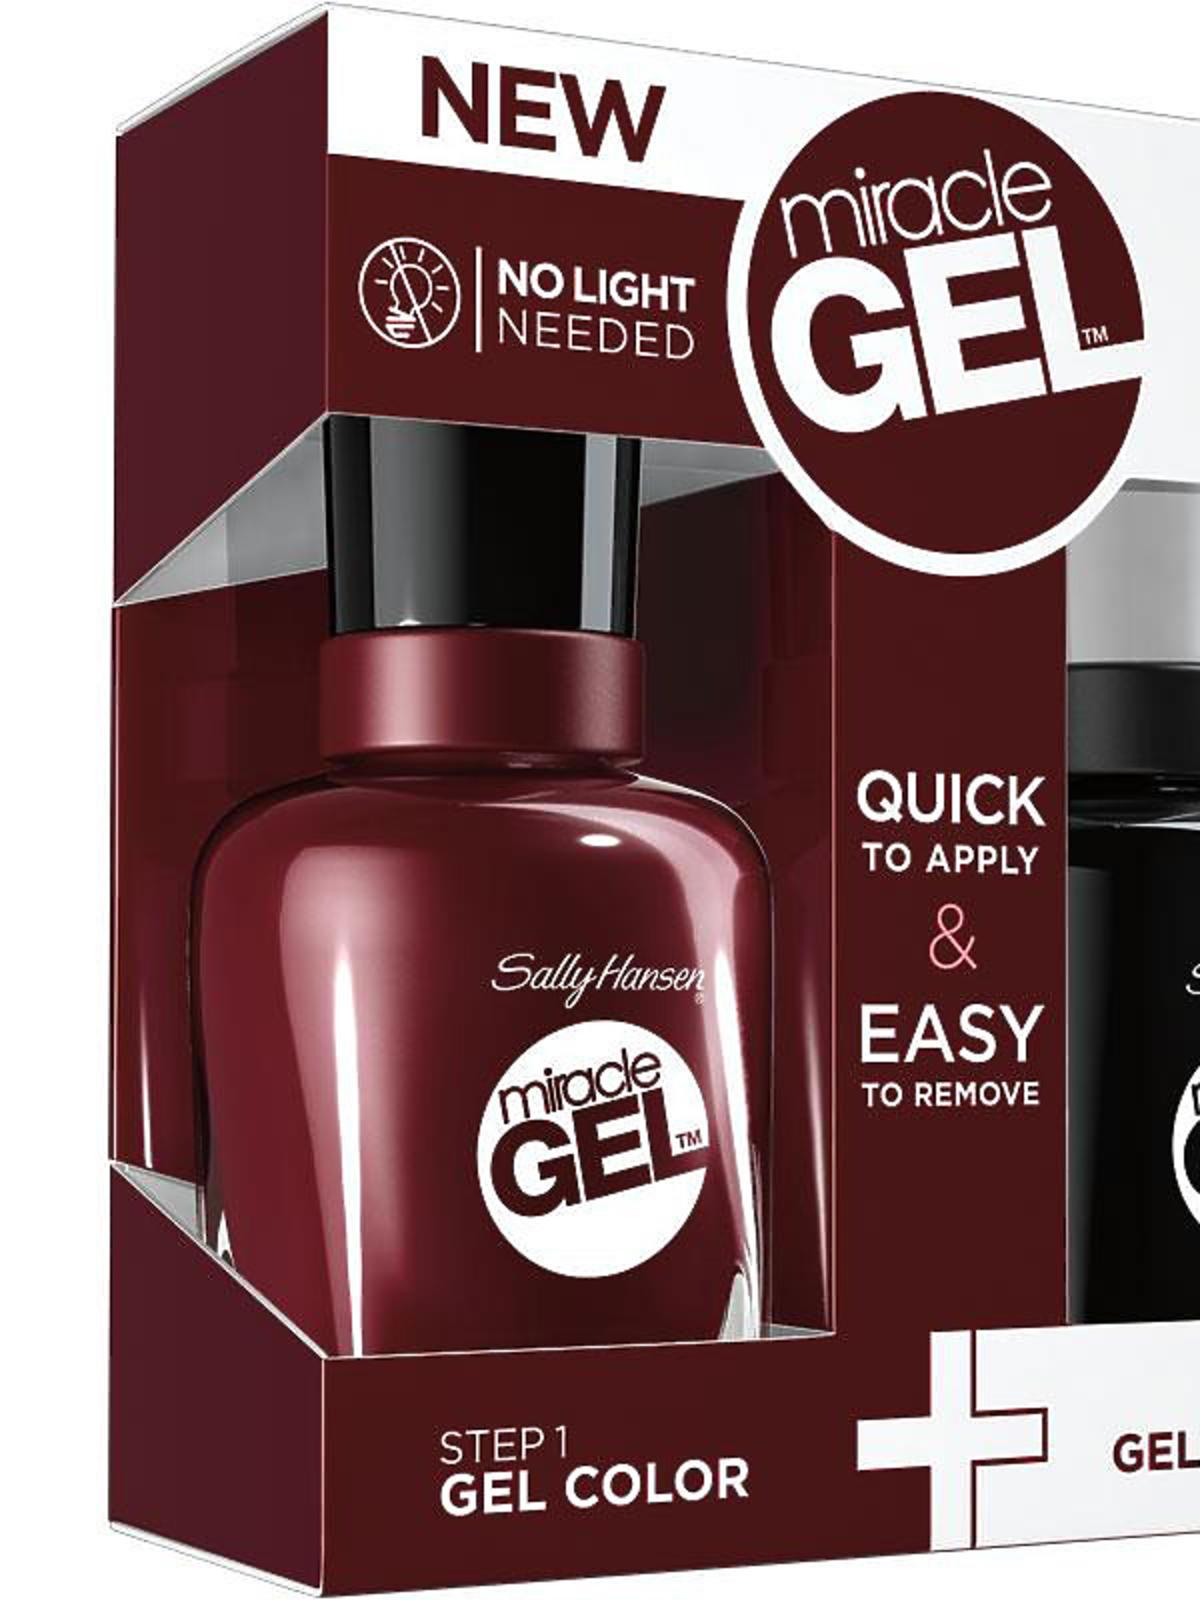 Zestaw do żelowego manicure bez lampy UV - do wykonania w domu. Miracle Gel Duo Pack, cena: ok. 50 zł